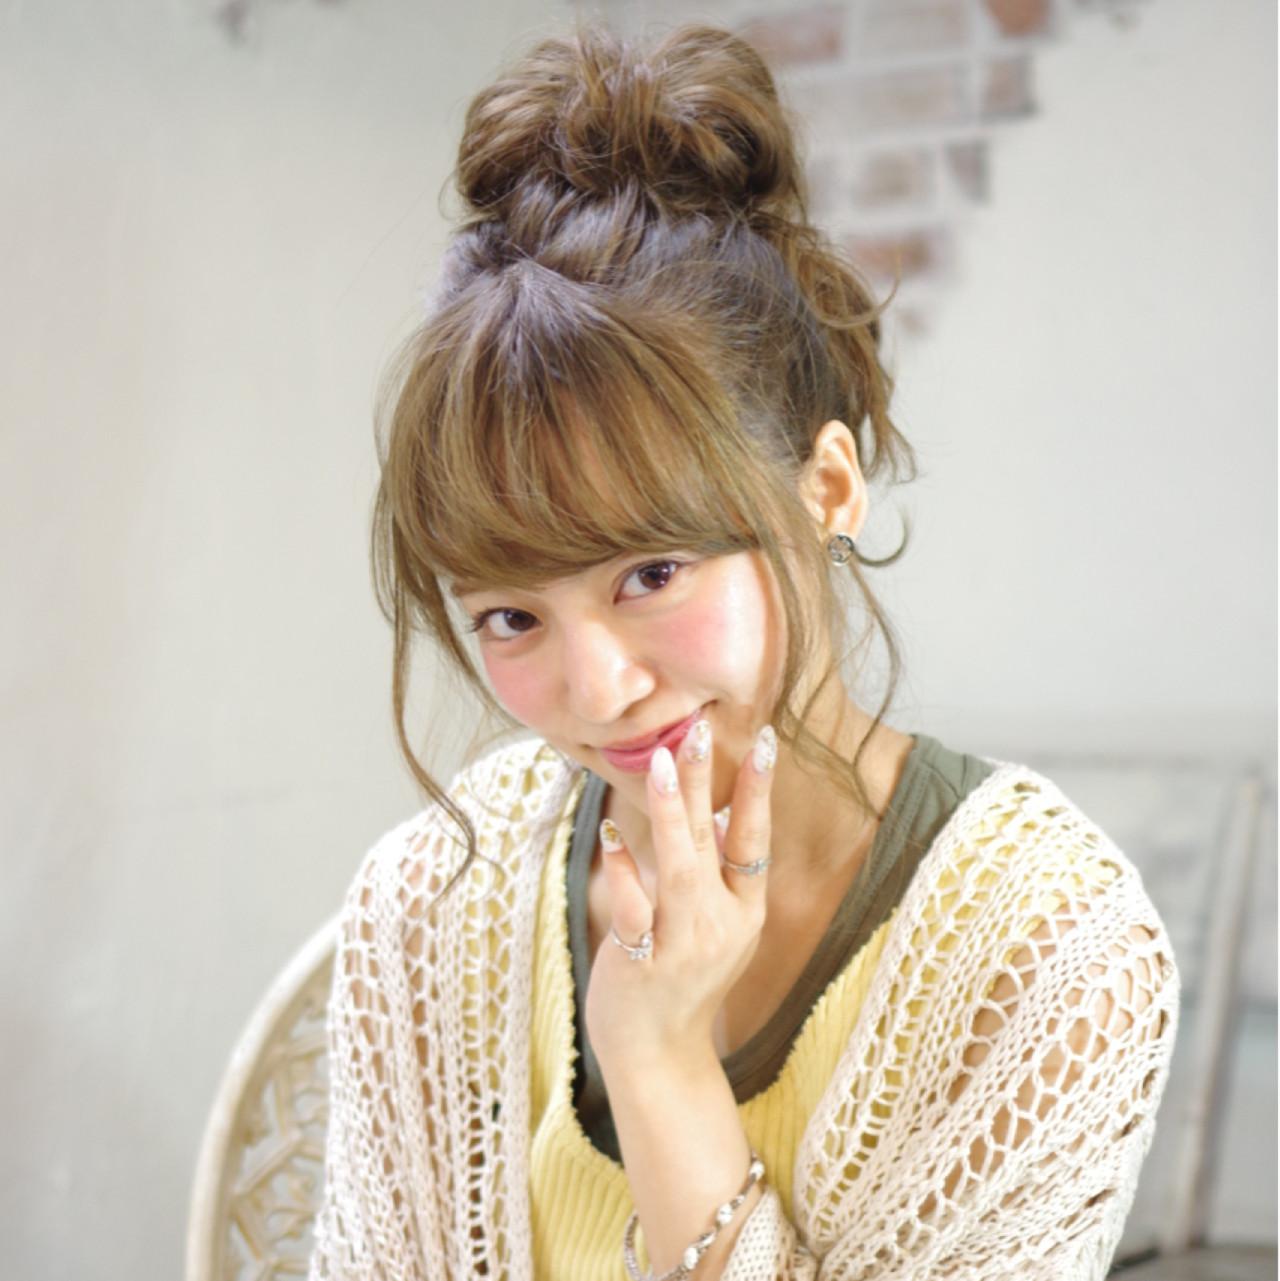 ミディアム ハーフアップ ピュア ショート ヘアスタイルや髪型の写真・画像 | 西川 賢一 blast / blast